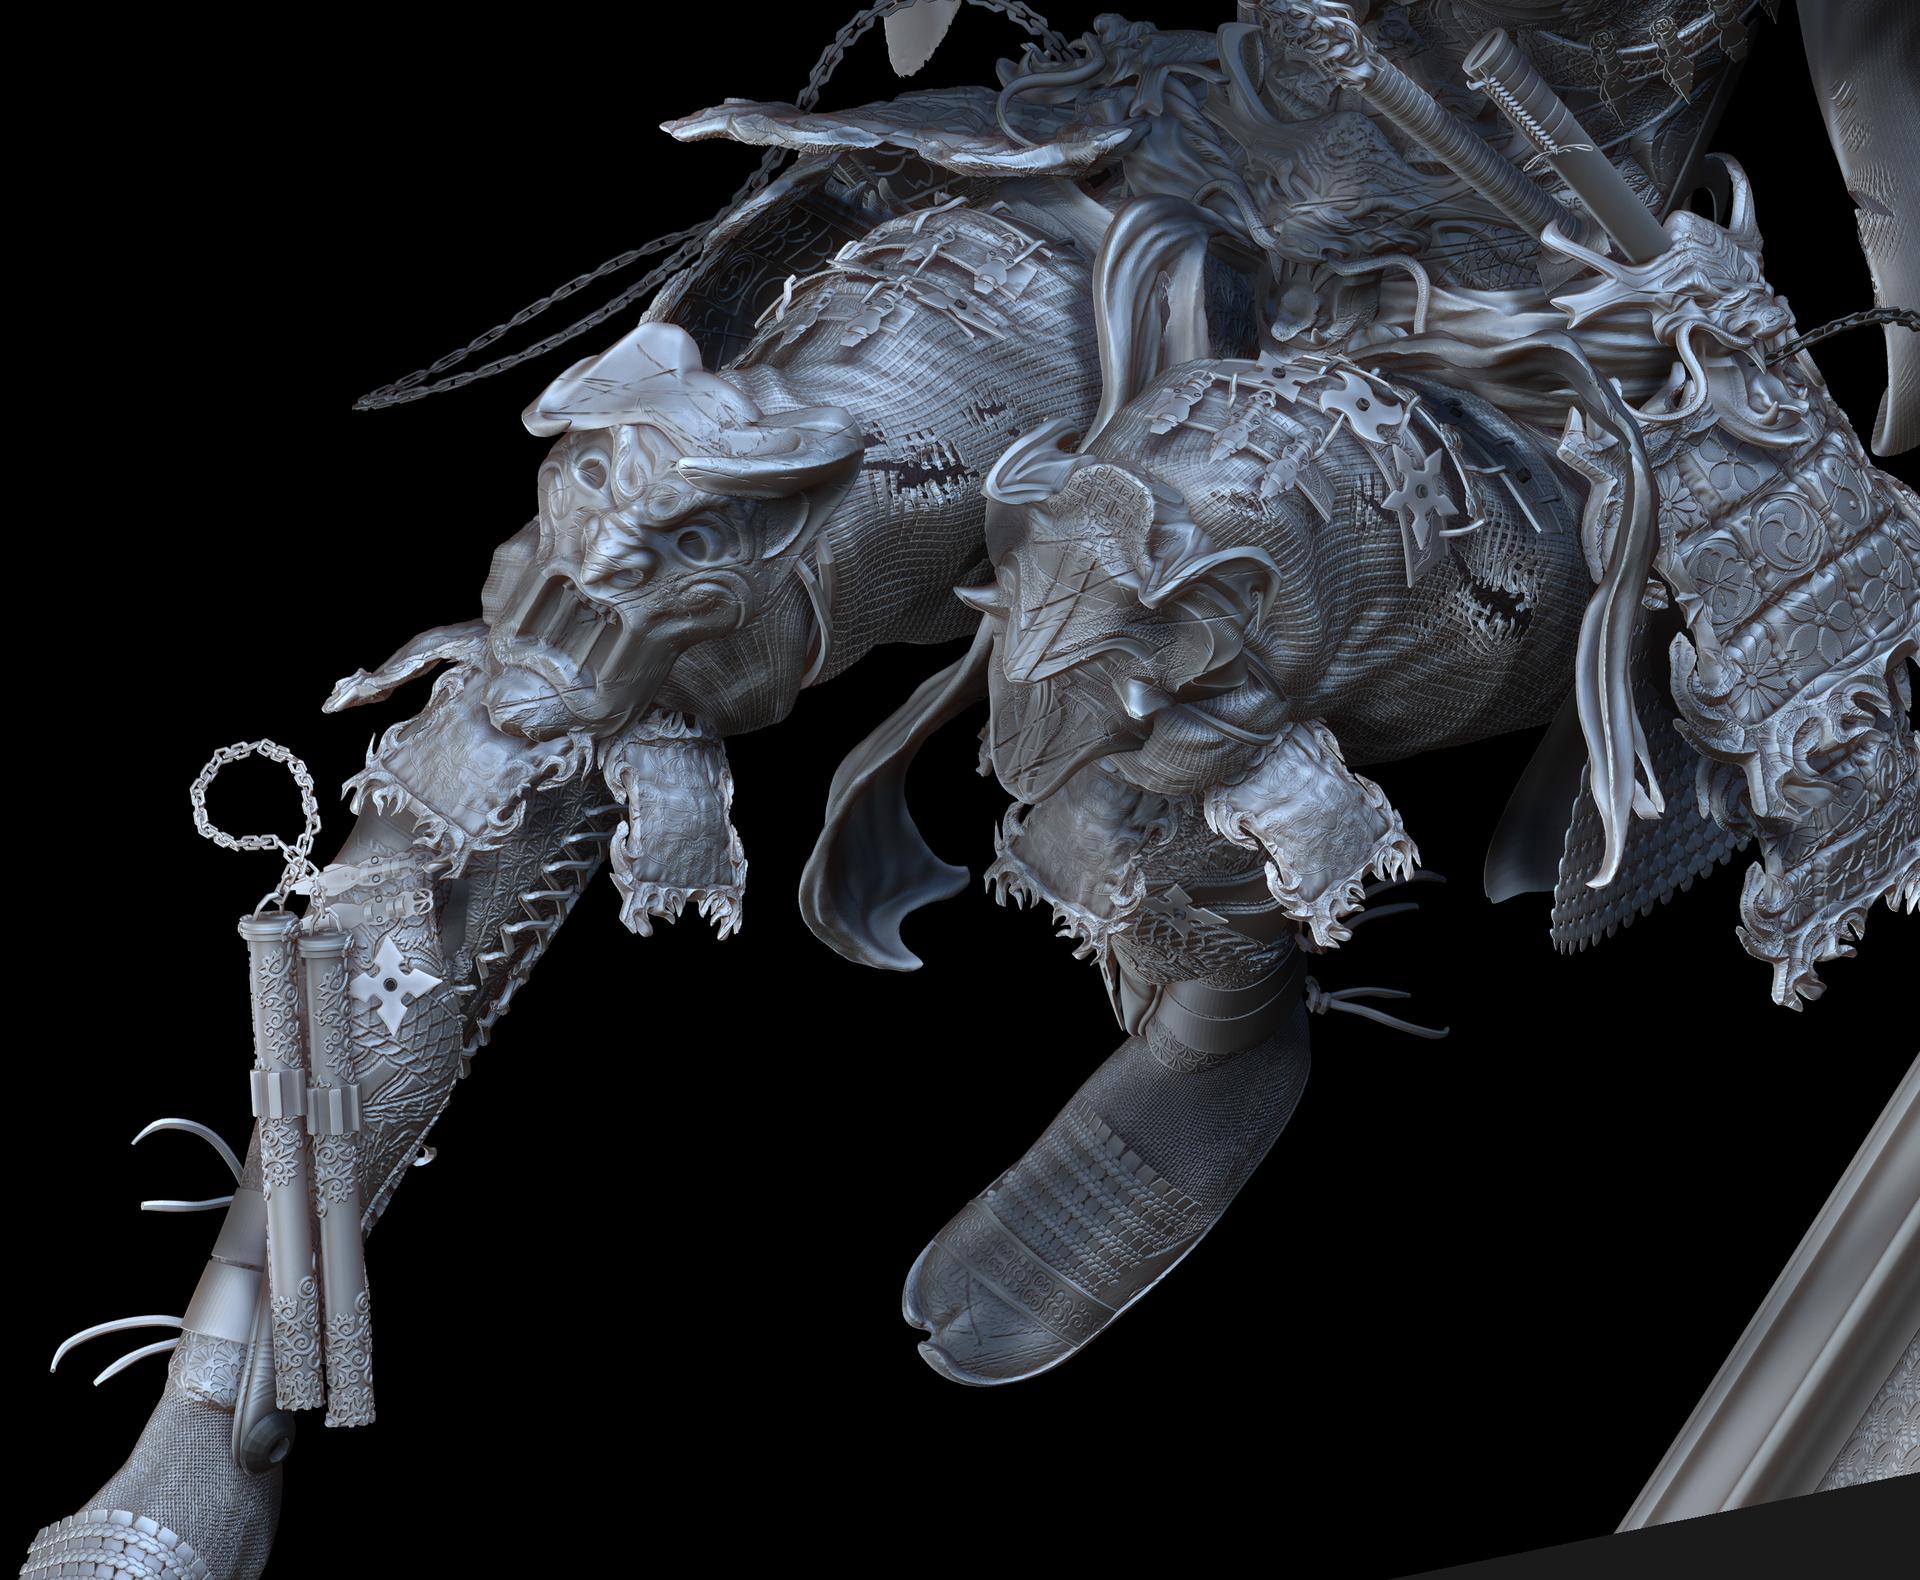 哥伦比亚,波哥大三维雕塑大神caleb nefzen作品,我只想说,好!牛!逼!